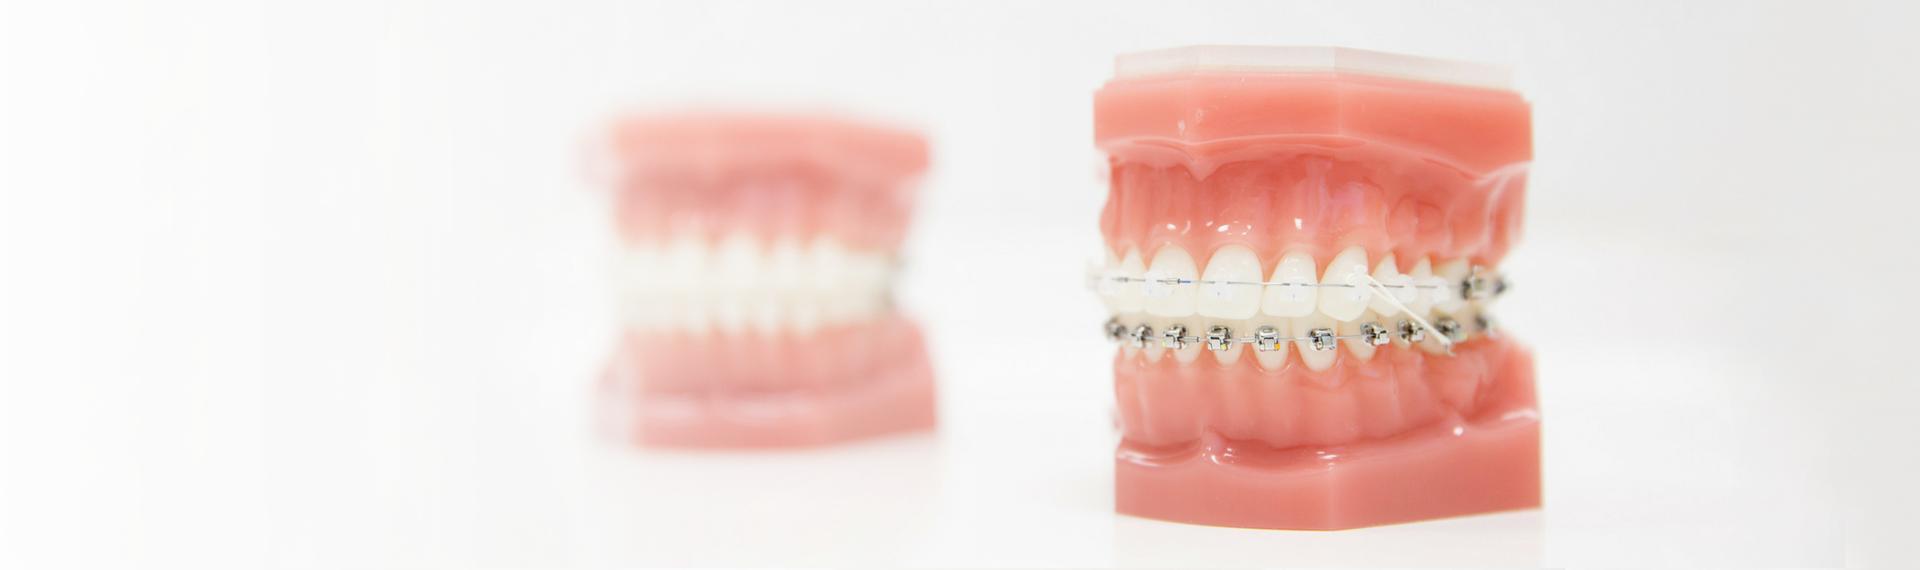 Estetyczny aparat ortodontyczny